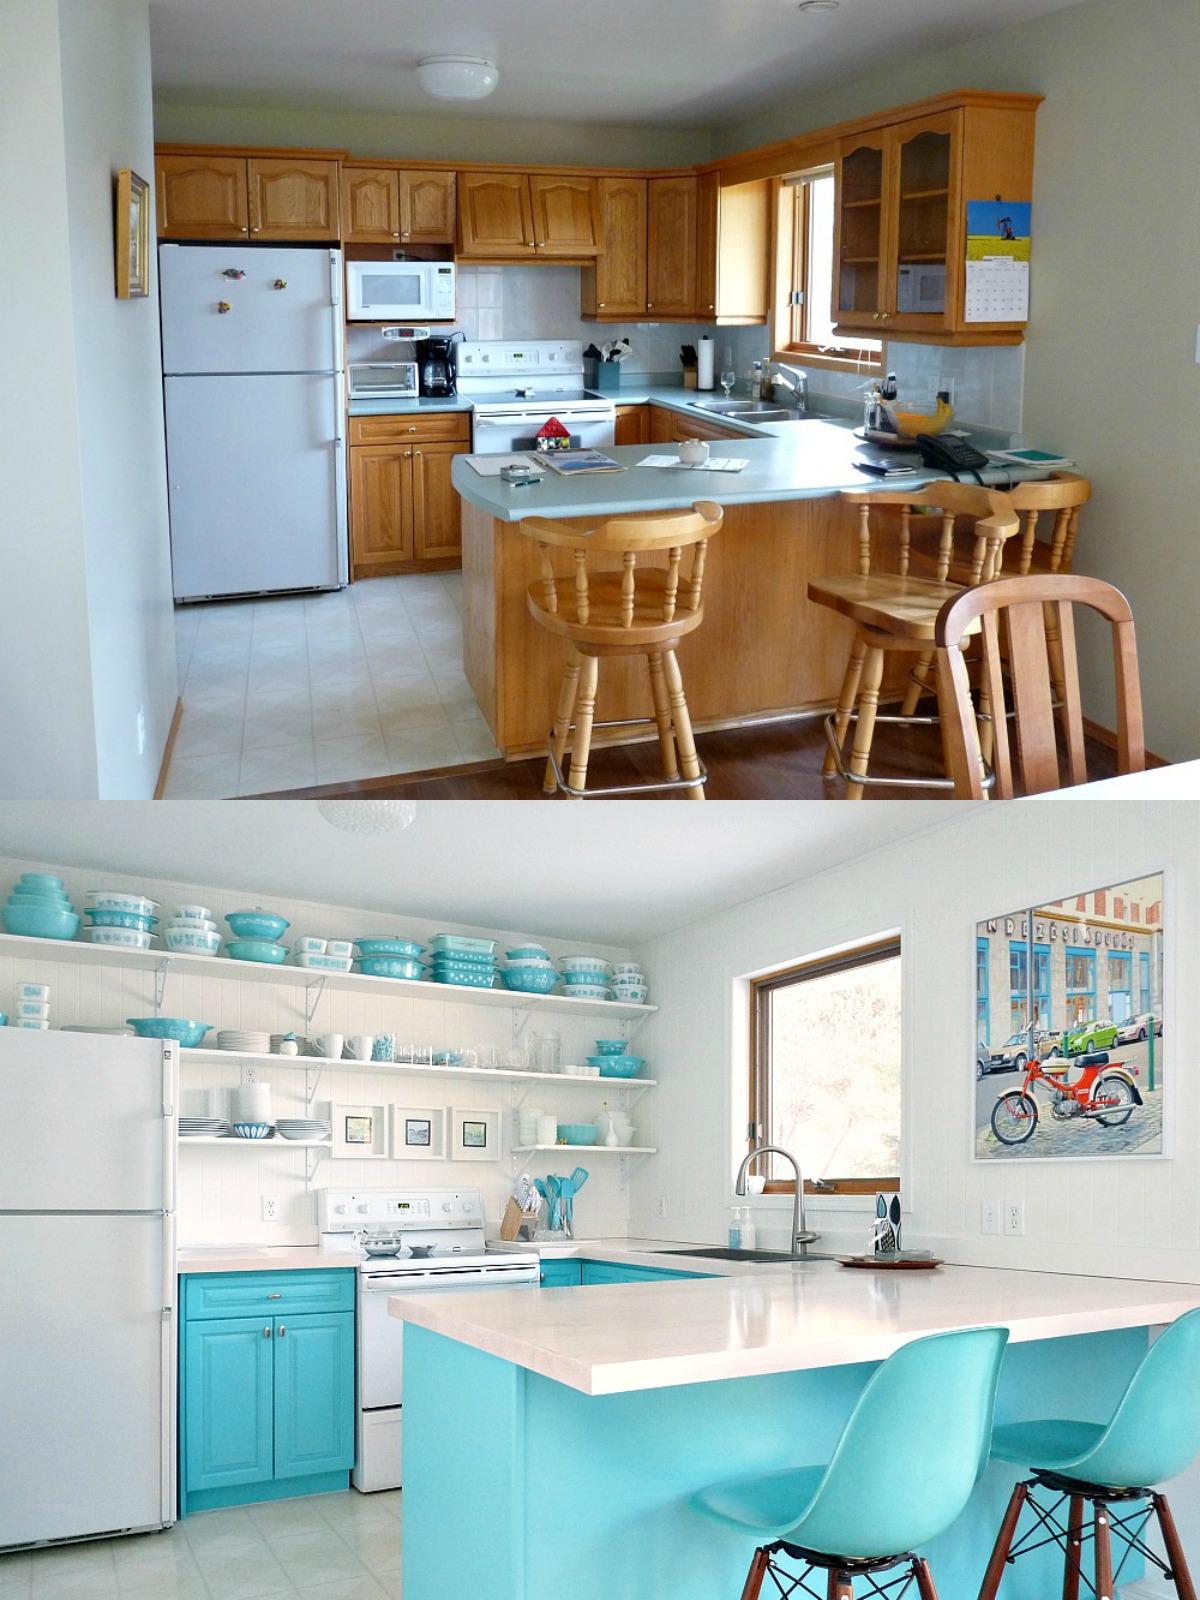 cabinet refinishing paint vs stain vs refinishing kitchen cabinets How to Paint Kitchen Cabinets